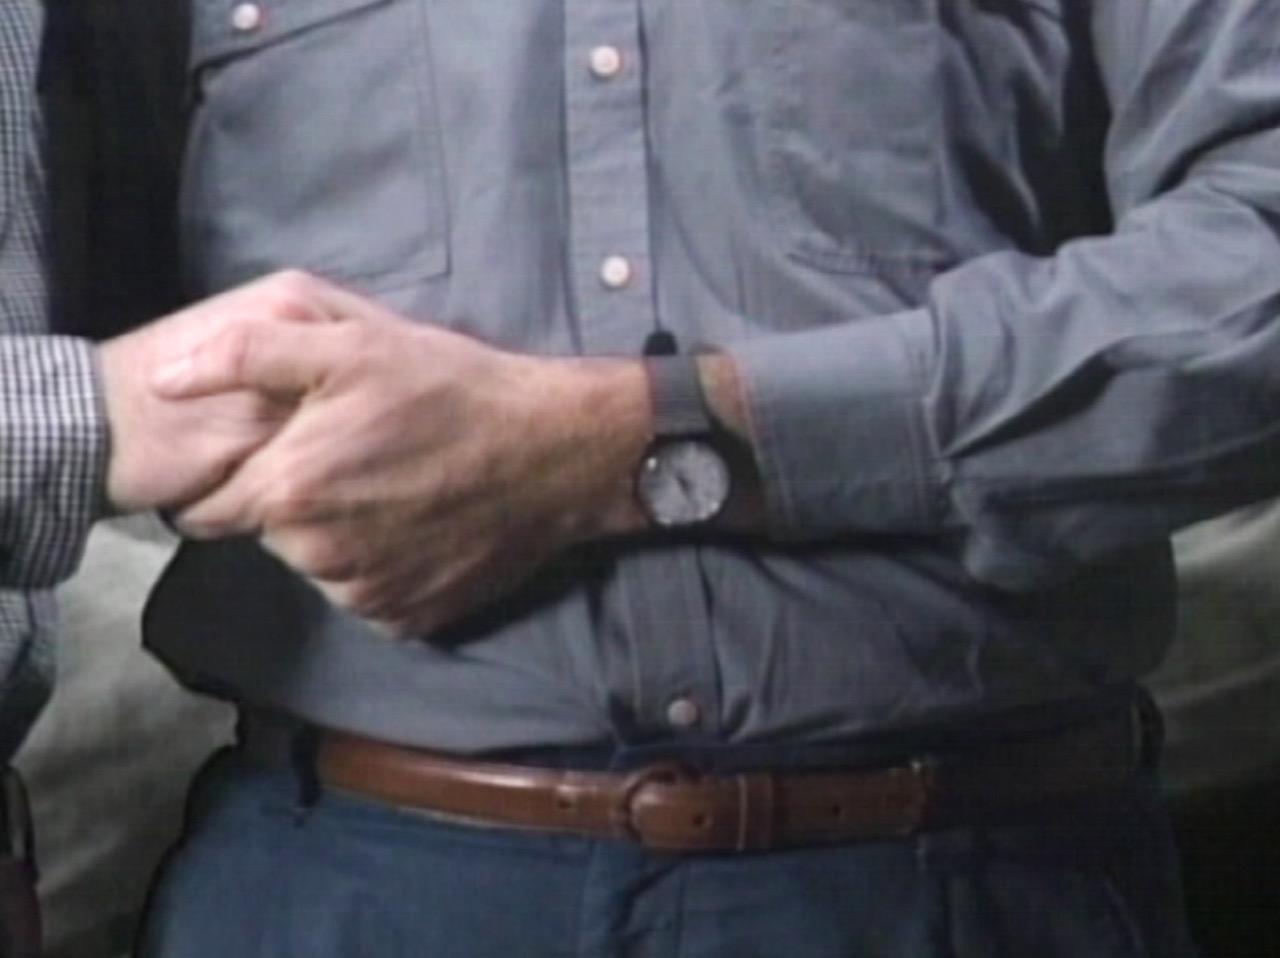 A imagem é uma foto na altura da barriga de um homem. No frame é possível ver a mão dele segurando a mão de outra pessoa com um relógio no seu pulso.